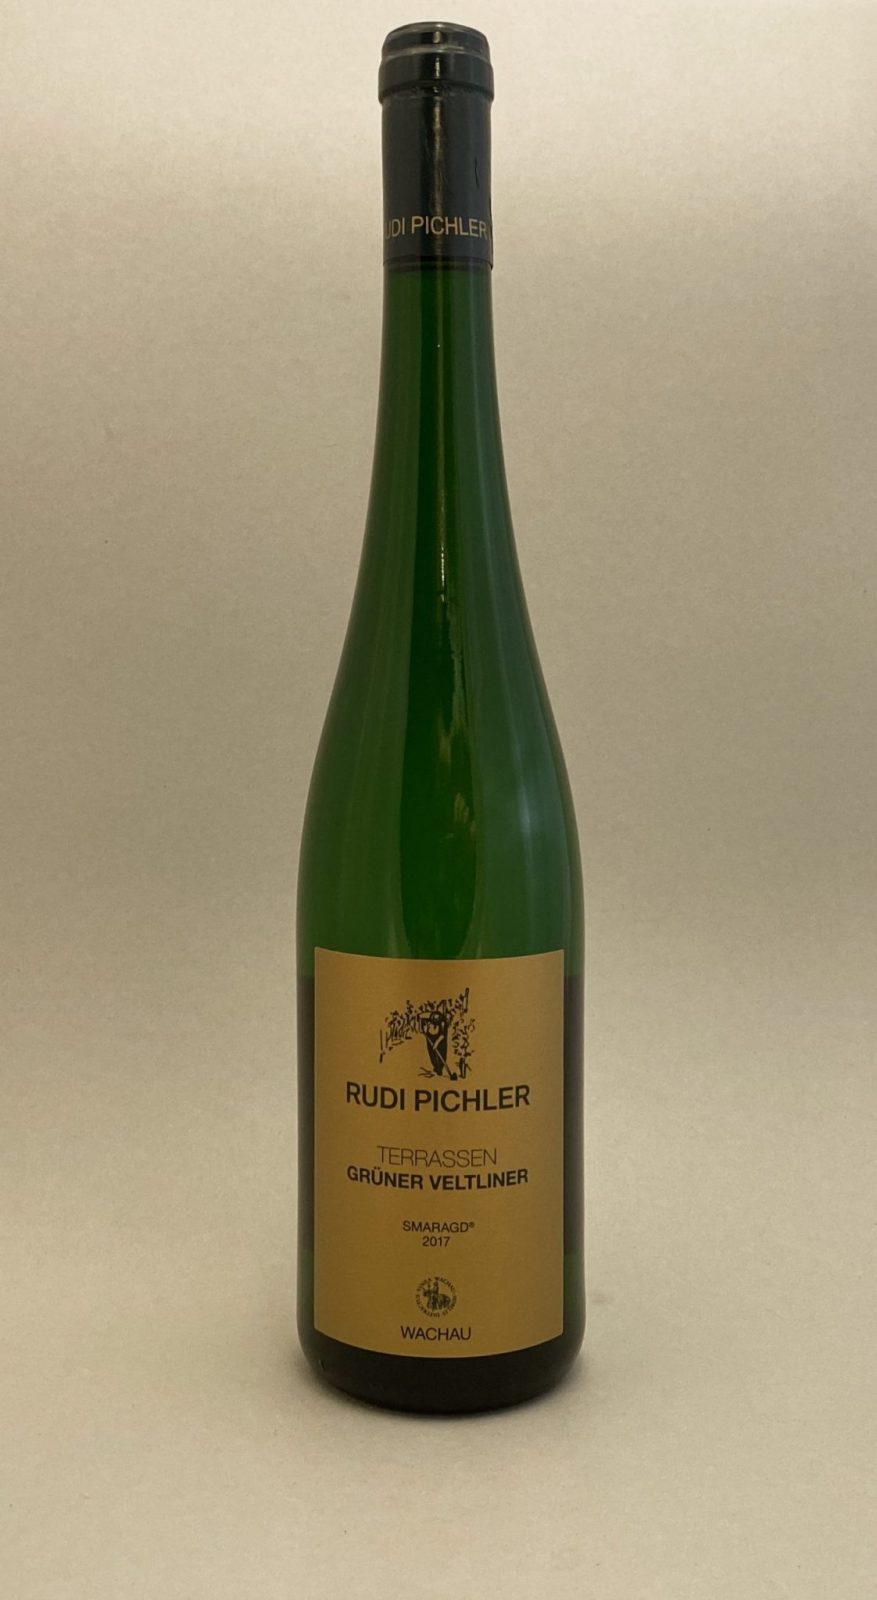 RUDI PICHLER Grüner Veltliner Smaragd 2018, vinoteka Sunny wines slnecnice mesto, Bratislava petrzalka, vino biele z Rakúska